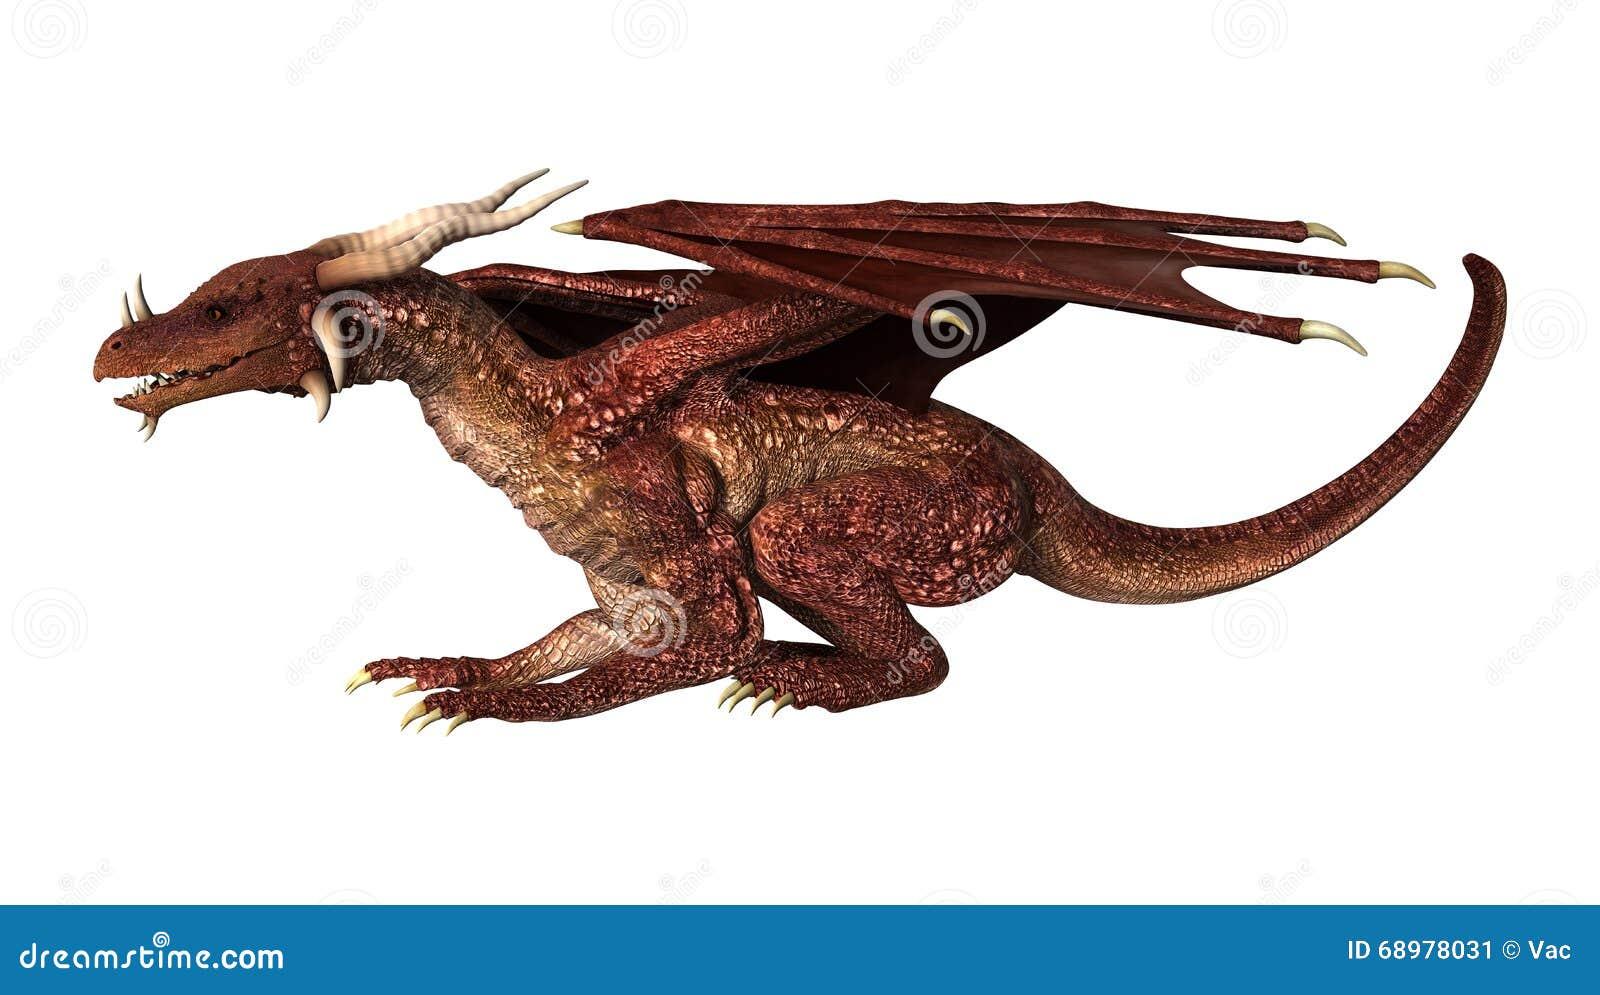 3D Illustration Red Fantasy Dragon on White